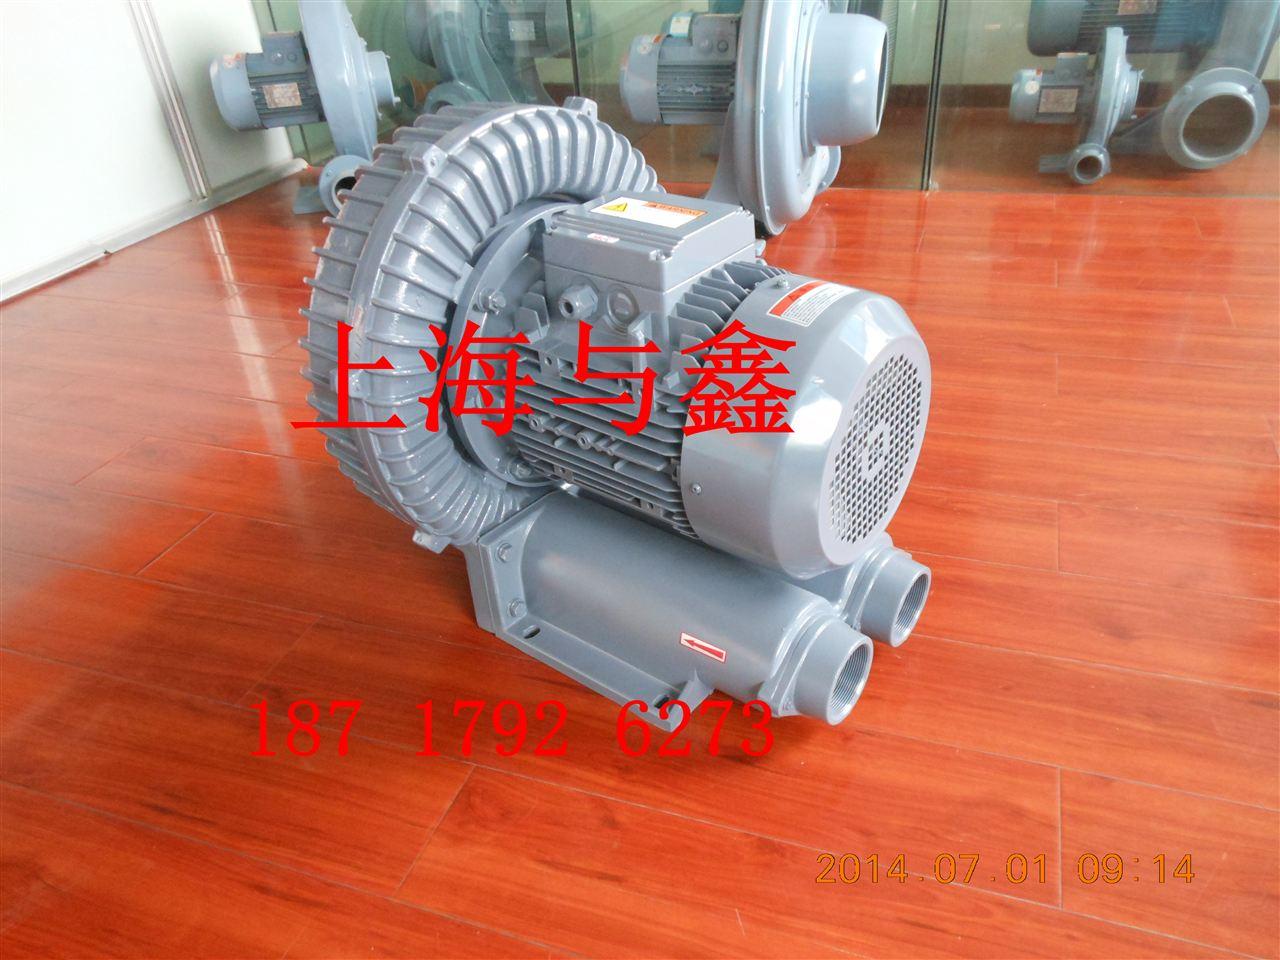 详细介绍 小型高压鼓风机 微型高压鼓风机 小功率高压风机 小型高压鼓风机具有结构紧凑,体积小重量轻等特点,旋涡泵采用专用电机直联式,不需要任何变速机构,由于其结构简单,传动形式直接,所以还具有噪音低、耗能省、性能稳定,维修方便等优点,而且送出的气源无水、无油、温升低,这是其他气源发生设备不能比拟的。 与鑫风机RB-200AS RB-200A(200W) RB-400AS RB-400A(400W)RB-750AS RB-750A(0.